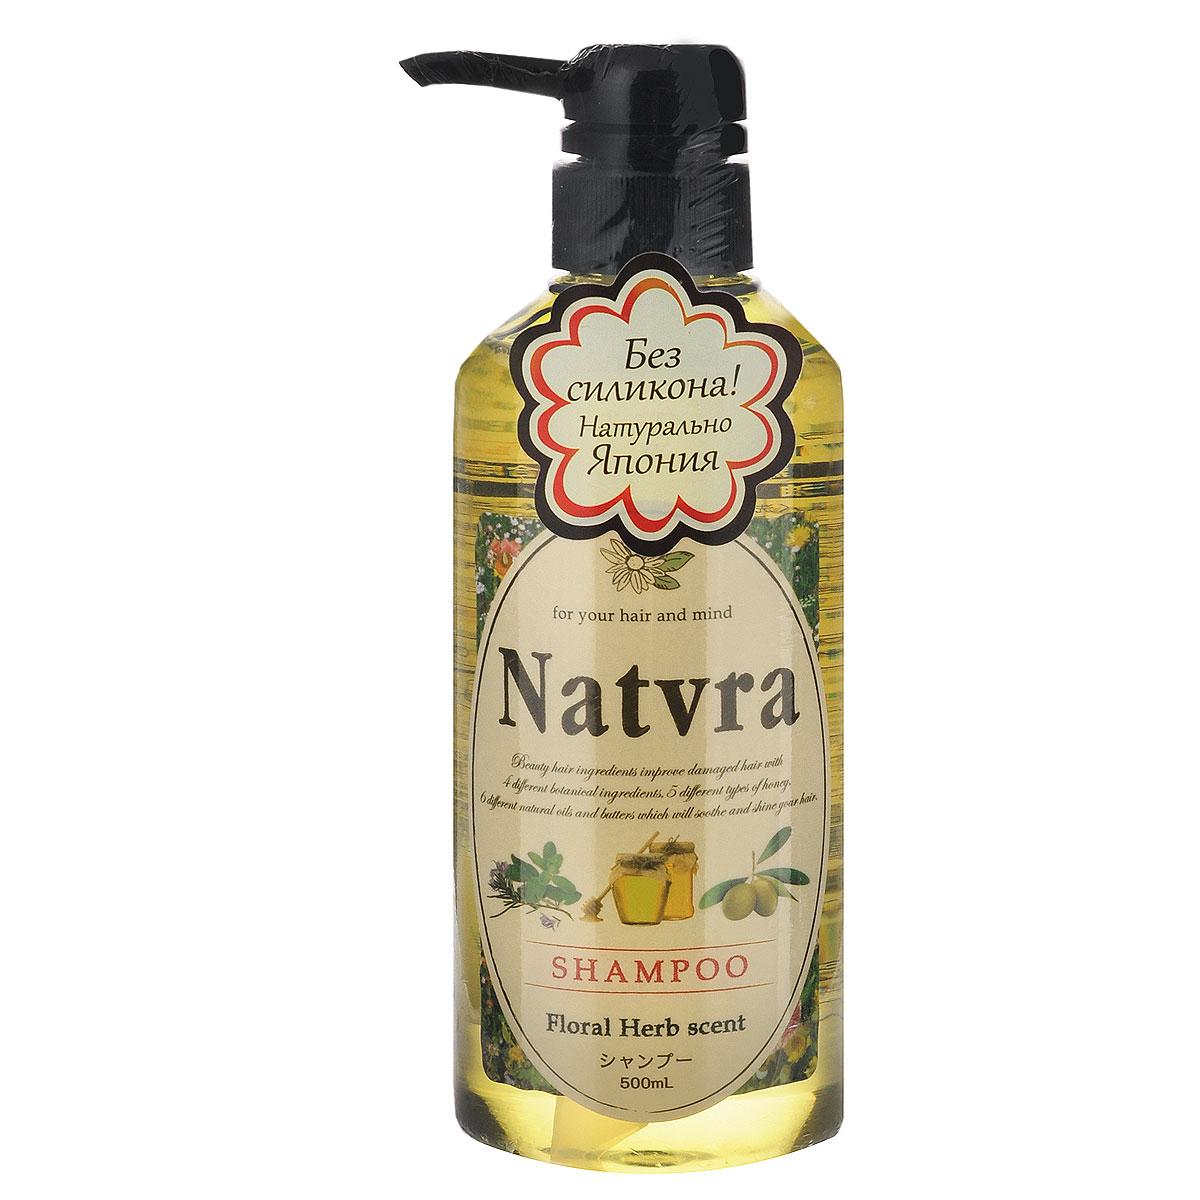 """Japan Gateway Шампунь для волос Natvra, без силикона, 500 мл32657Шампунь для волос """"Natvra"""" - сила природы для красоты волос. Восстановление волос. Растительные компоненты (кленовый сок, луговое масло, экстракт кофе, соевый белок) для красоты волос. Гладкость и блеск. Натуральные масла (оливы, арганы, манго, какао) для придания гладкости. Увлажнение. Медовые компоненты (растворенный медовый белок, воск, маточное молочко) для глубокого увлажнения. Шампунь не содержит силикона, искусственных ароматизаторов и красителей, продуктов нефтепереработки. Товар сертифицирован."""